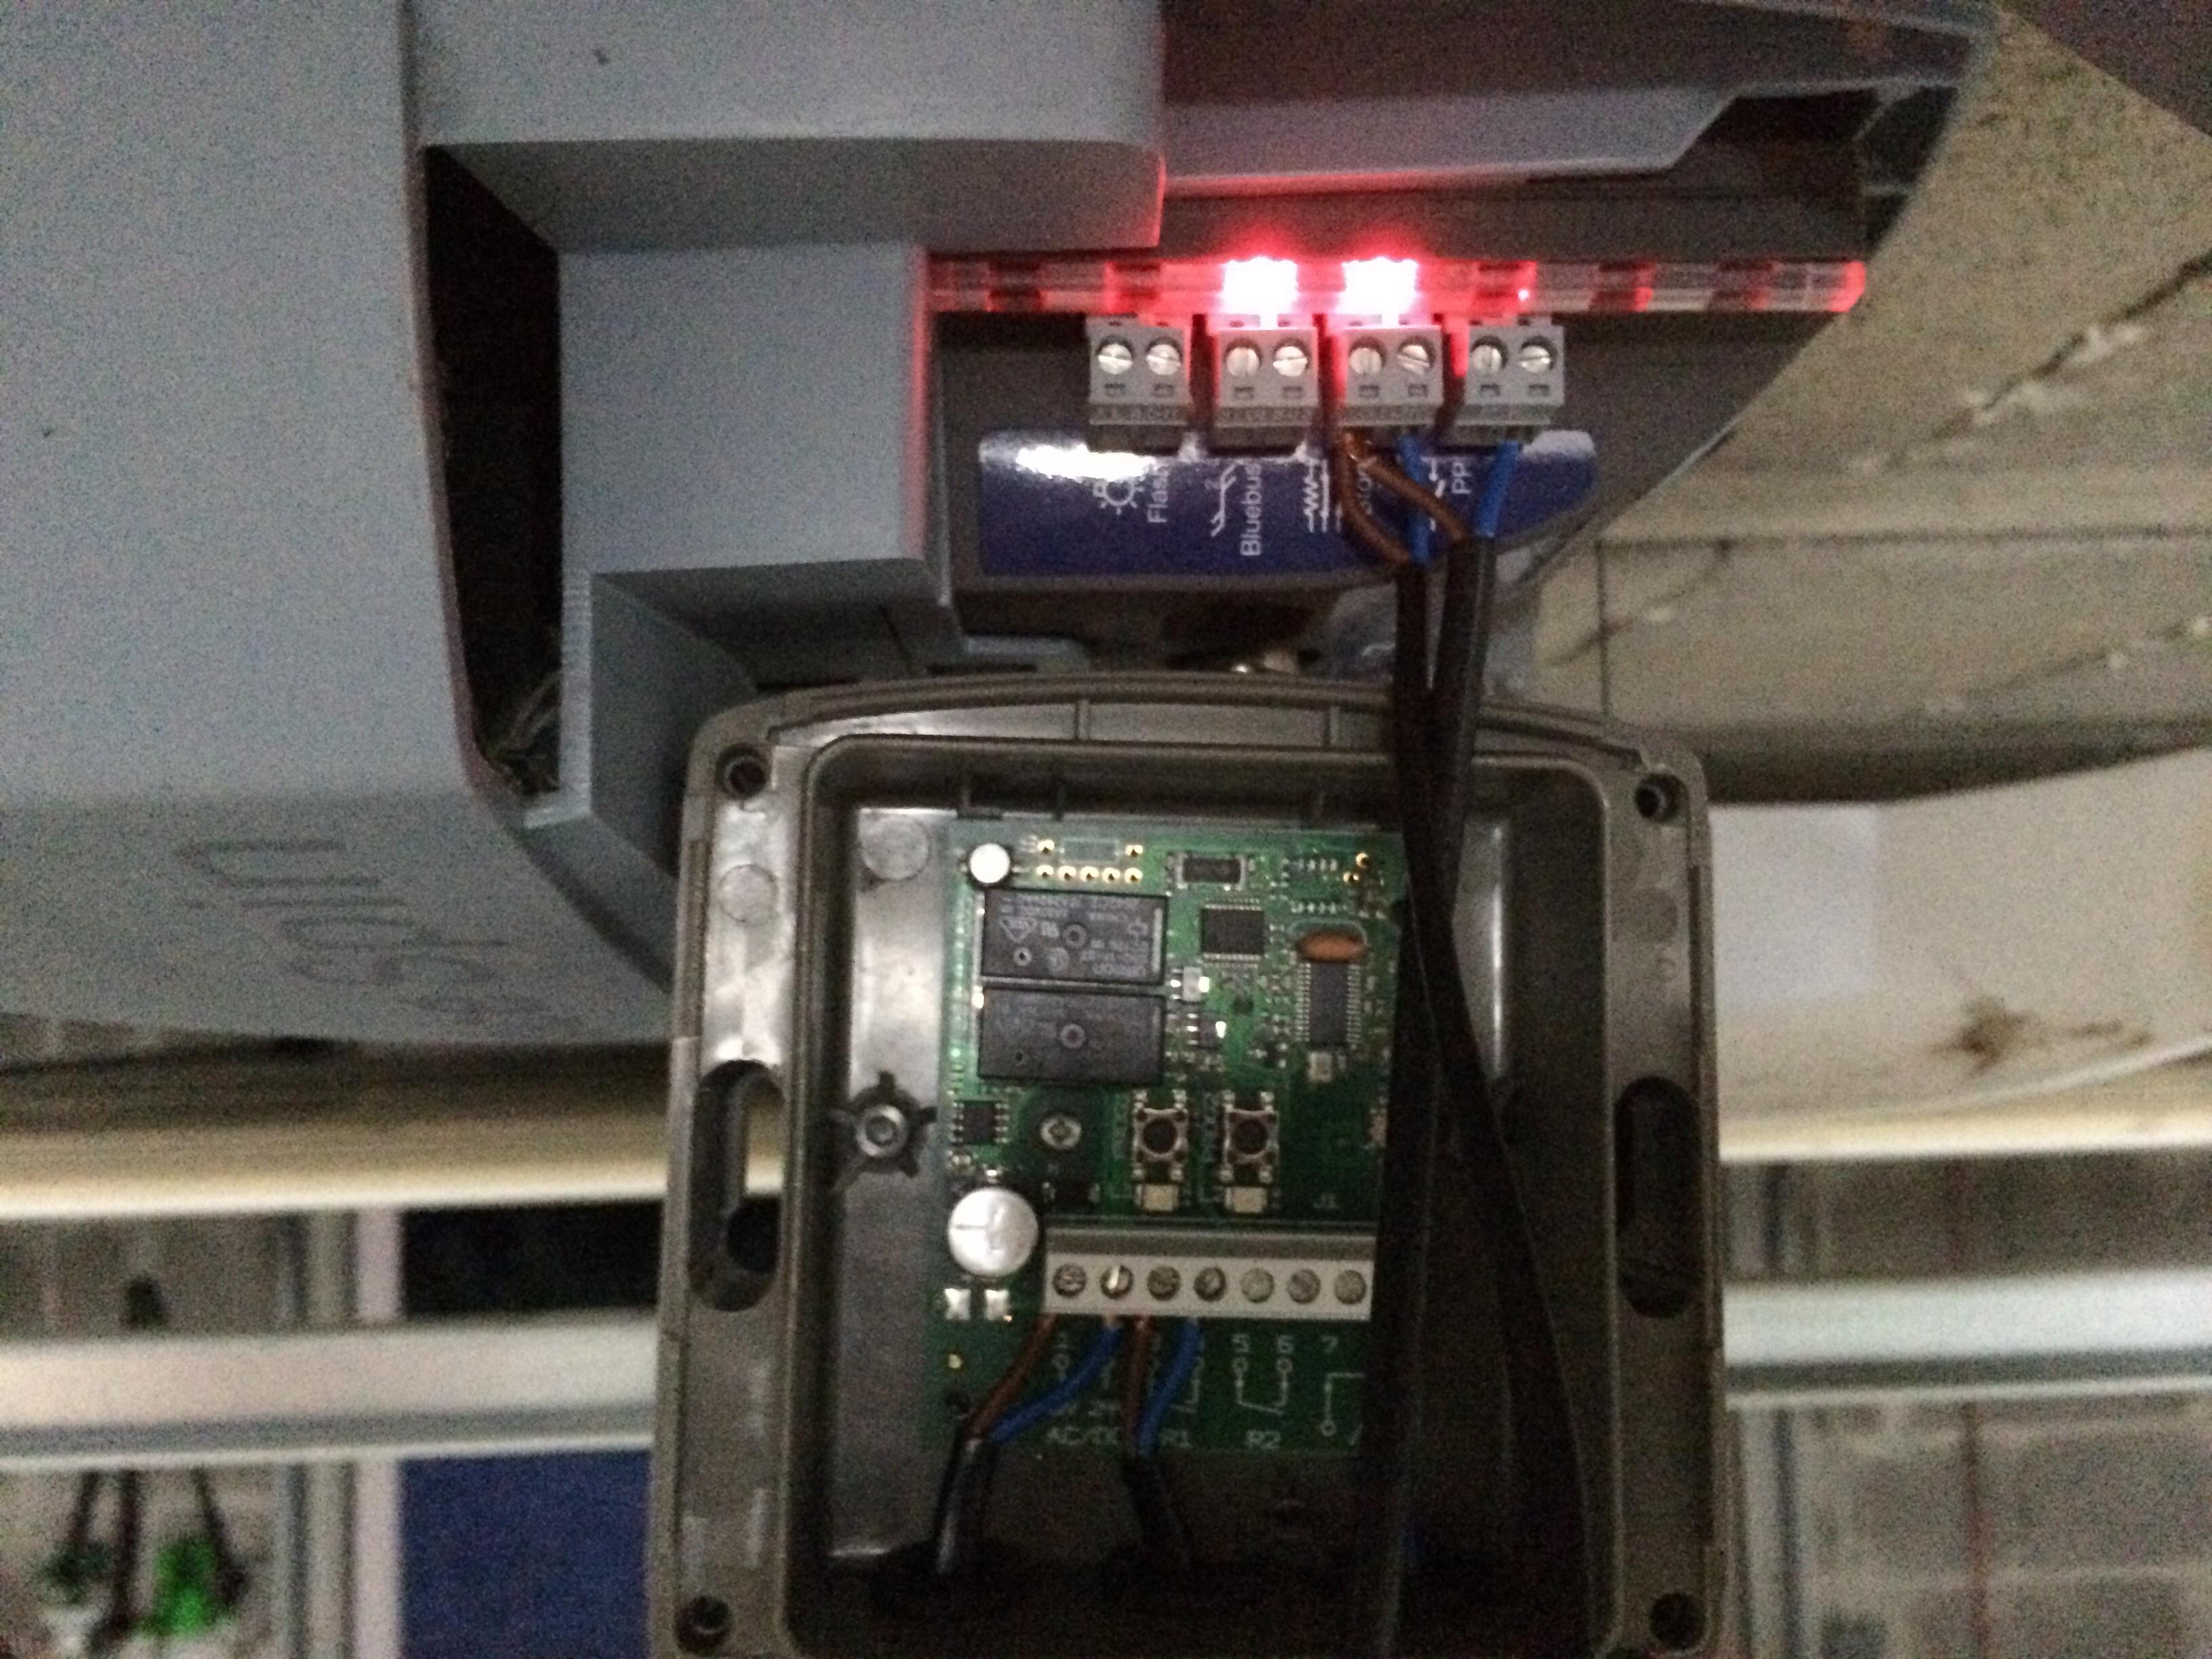 Installation r cepteur radio somfy sur moteur nice spin for Moteur nice porte garage